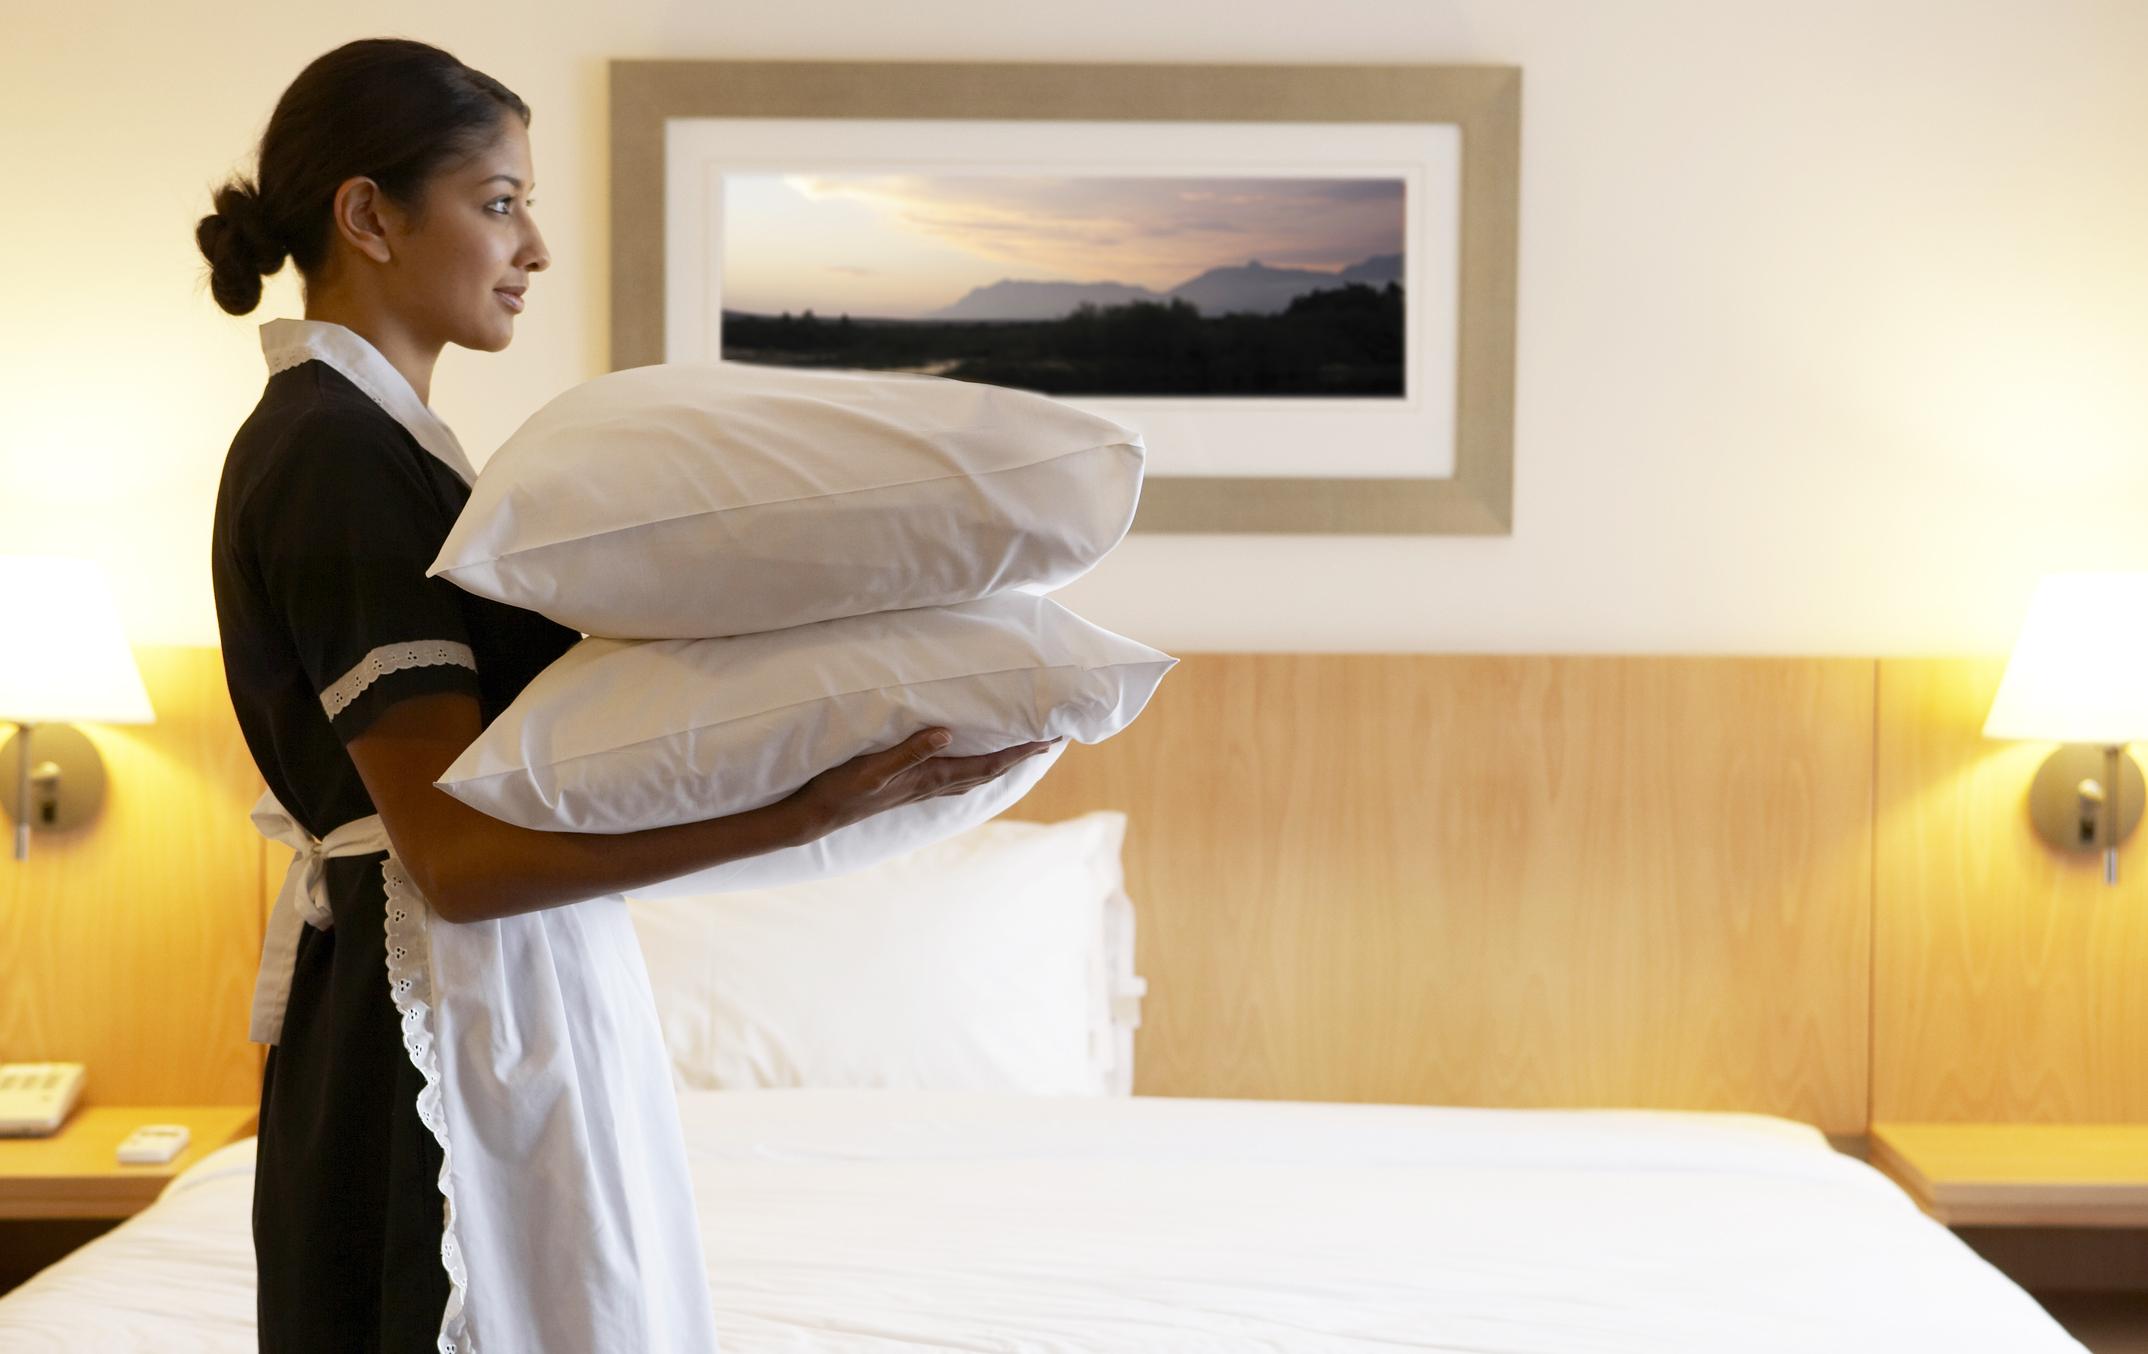 Service aux chambres : réduire la fréquence pour diminuer la facture?